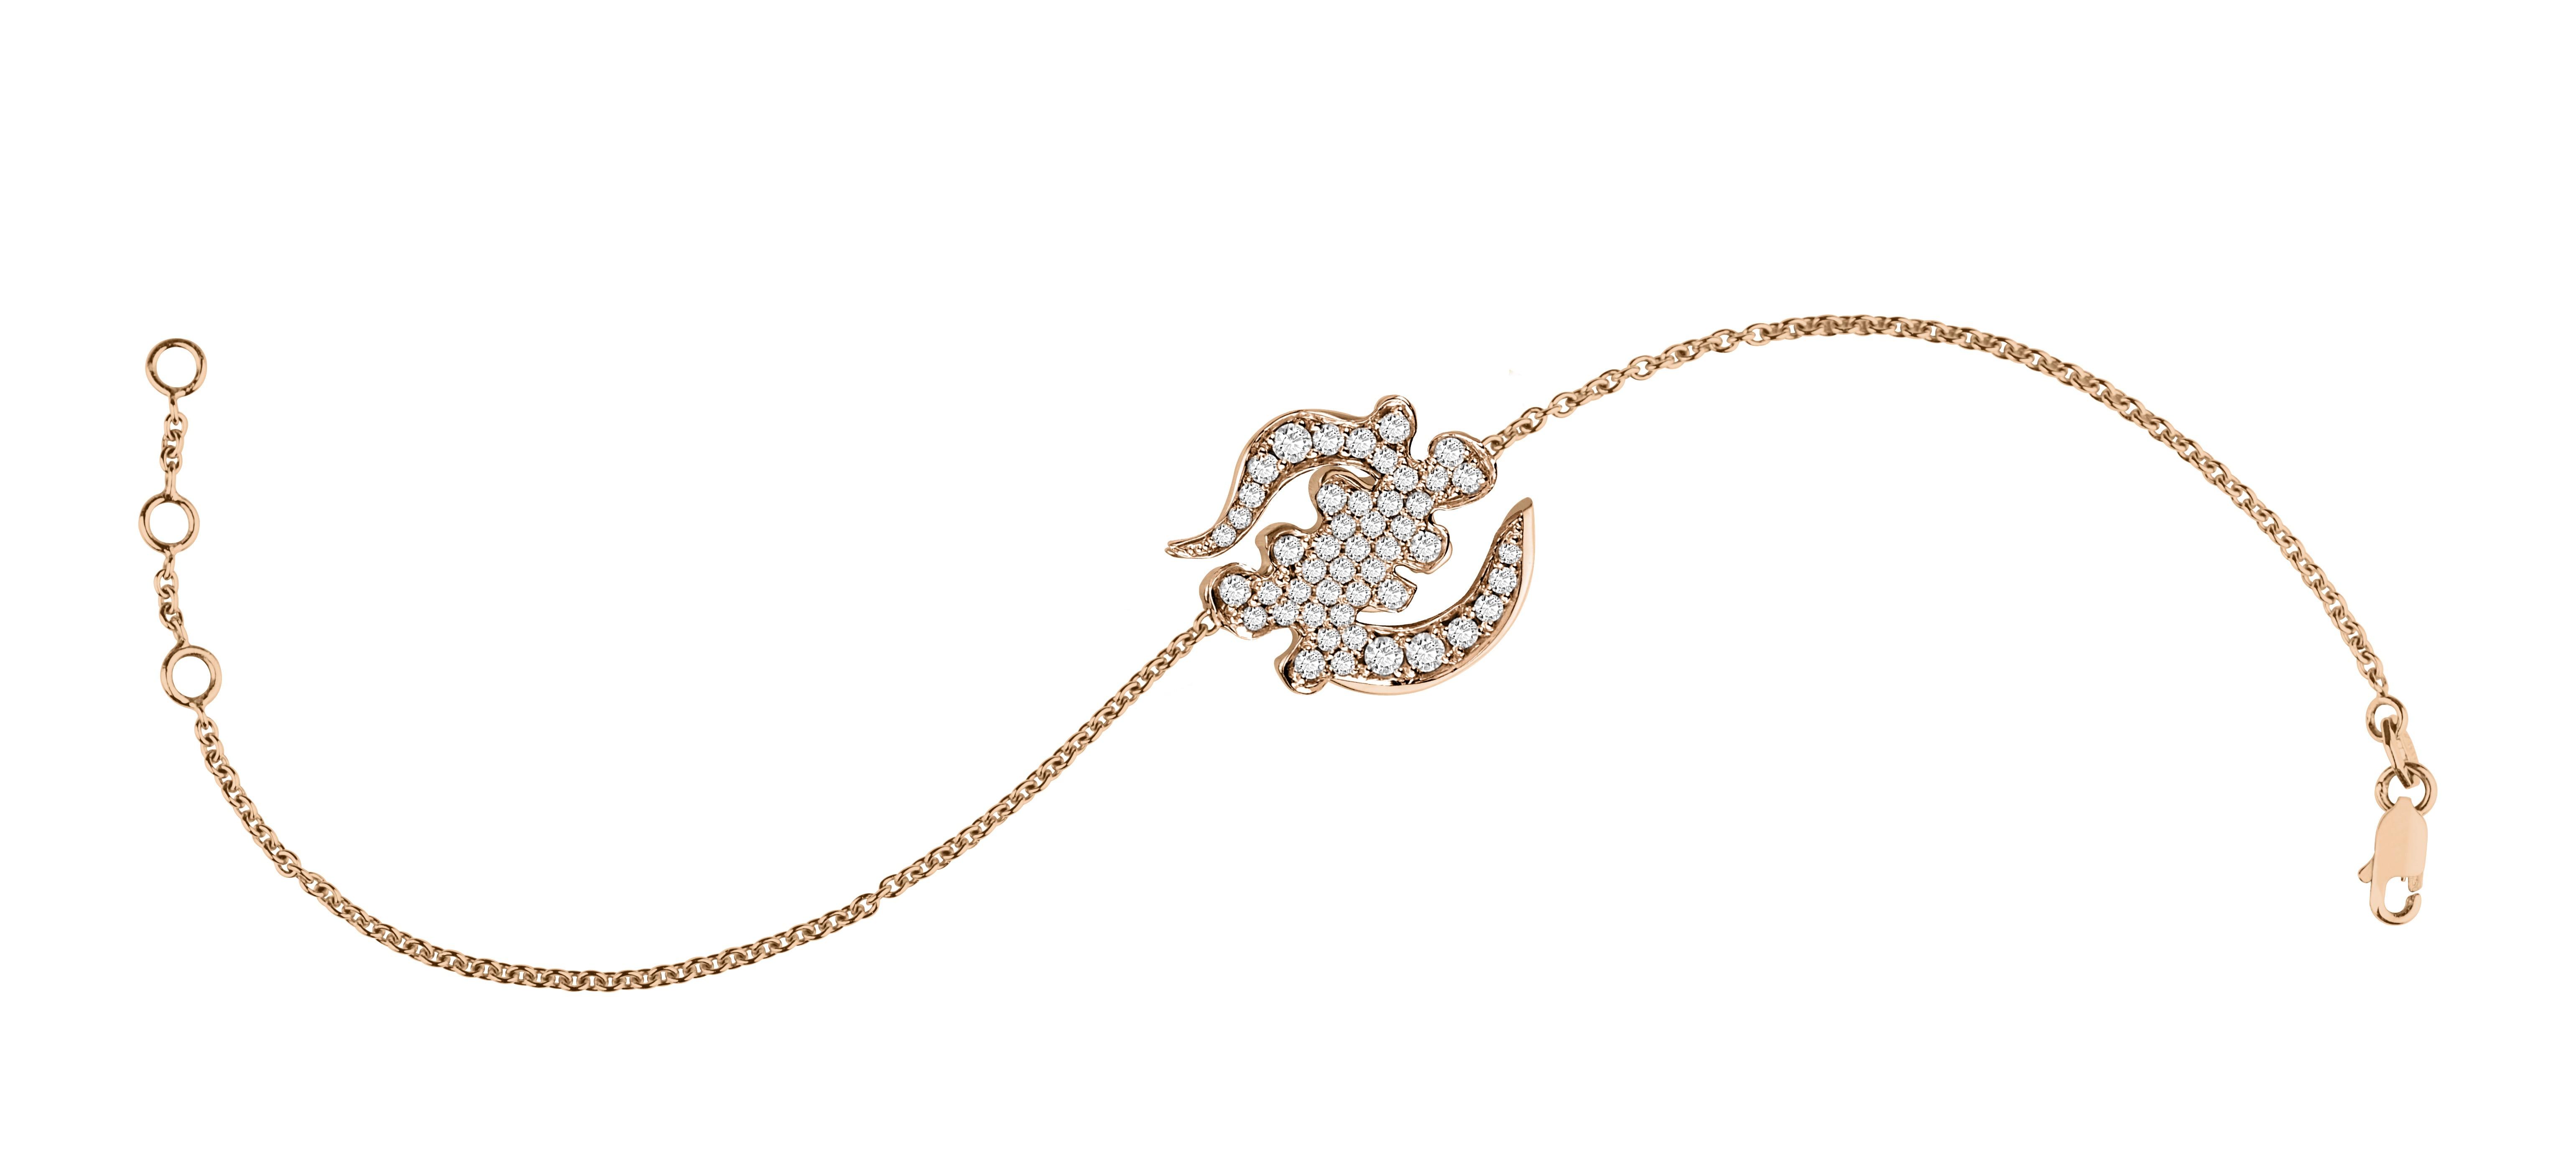 Divinité Bakwani7 Or diamants - Bracelet